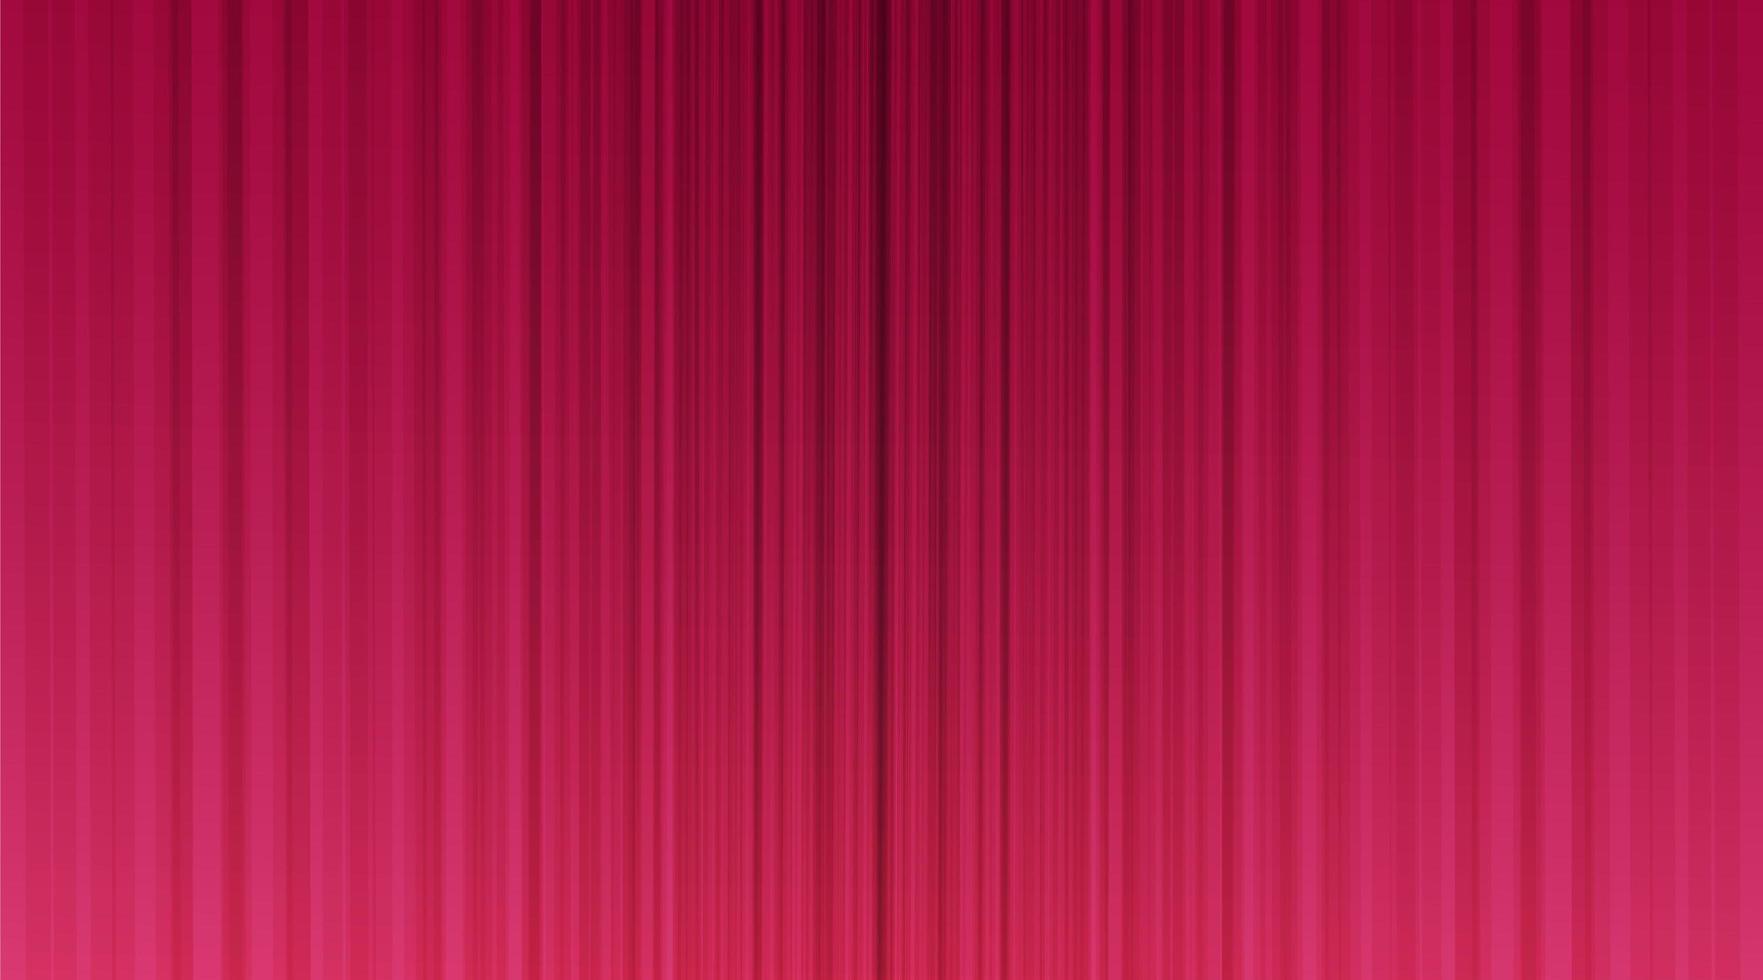 cortina rosa com fundo de palco vetor